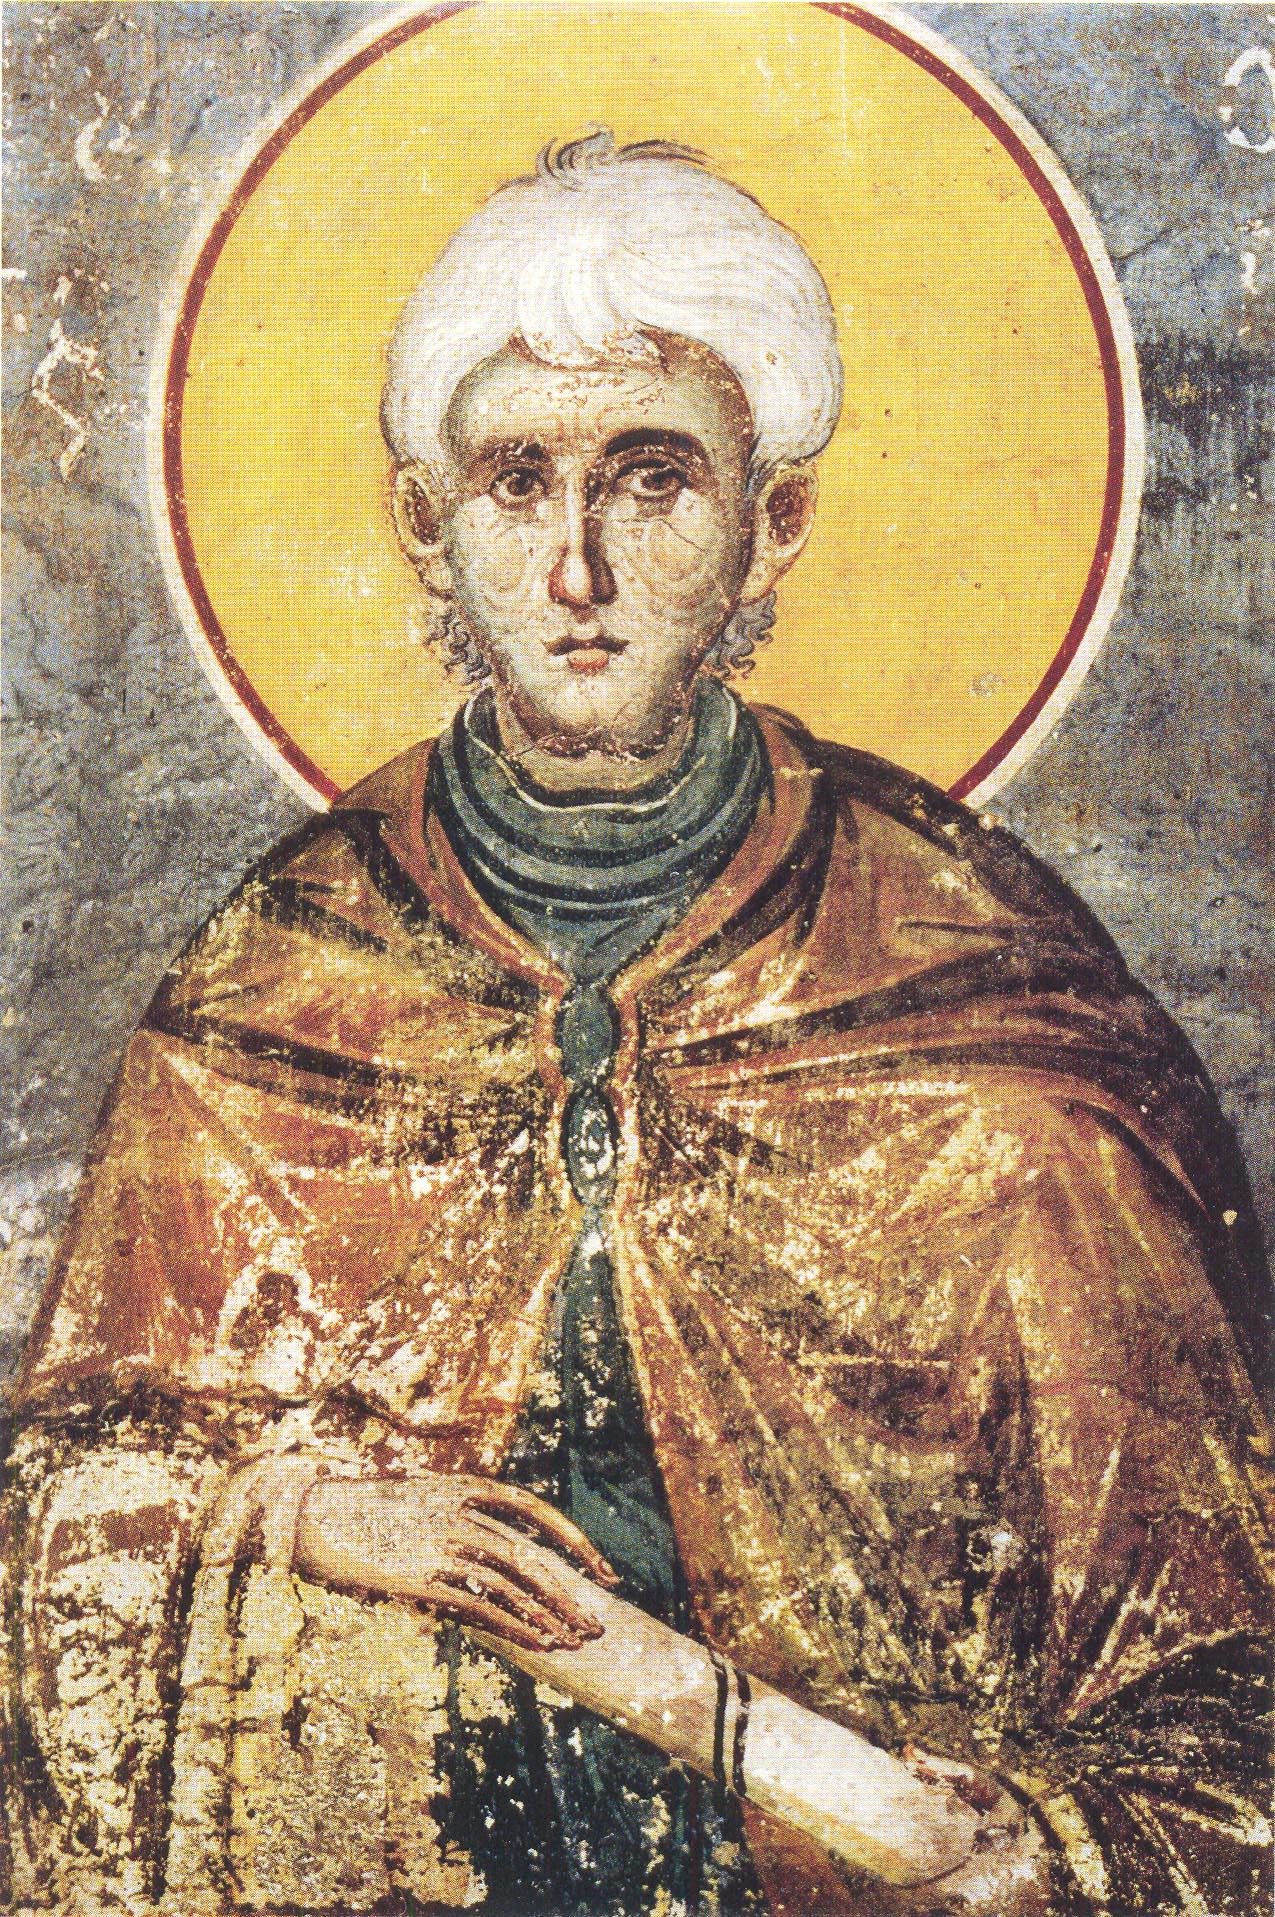 Ο άγιος Παύλος ο Ξηροποταμηνός. Τοιχογραφία του κυρ Μανουήλ Πανσέληνου από το Πρωτάτο των Καρυών (1290).